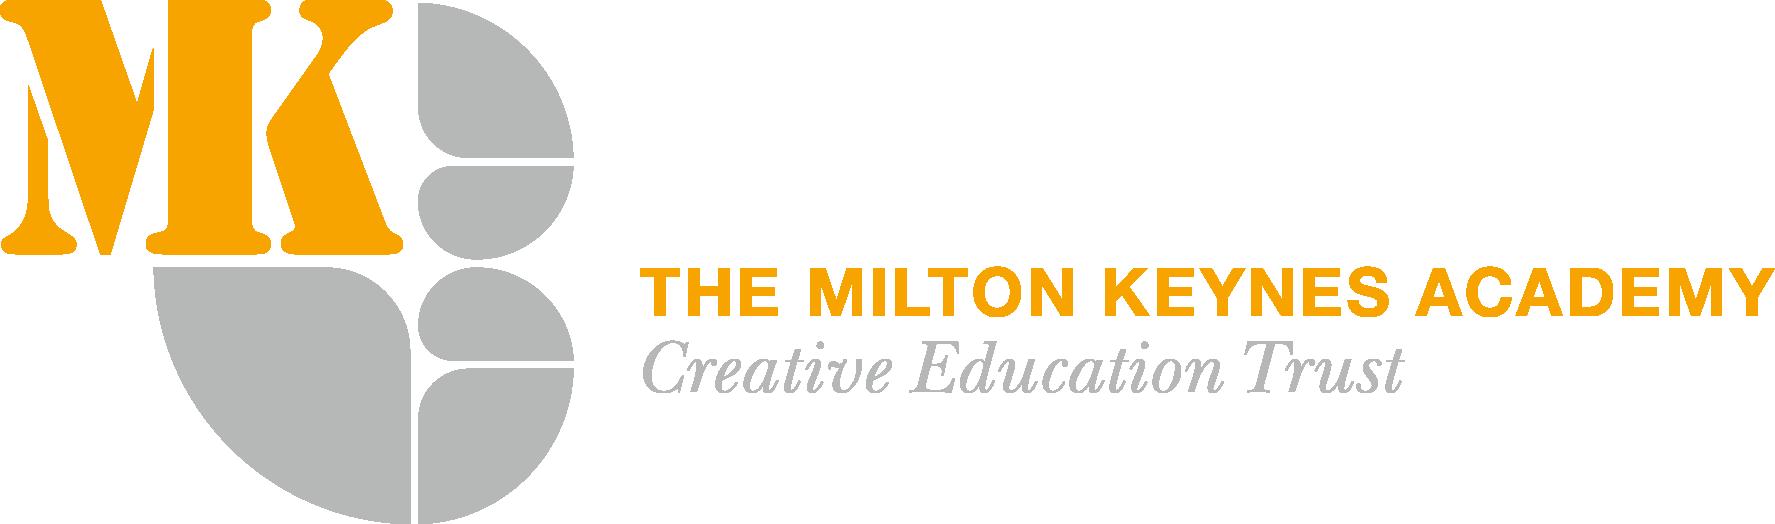 Milton Keynes Academy CET logo